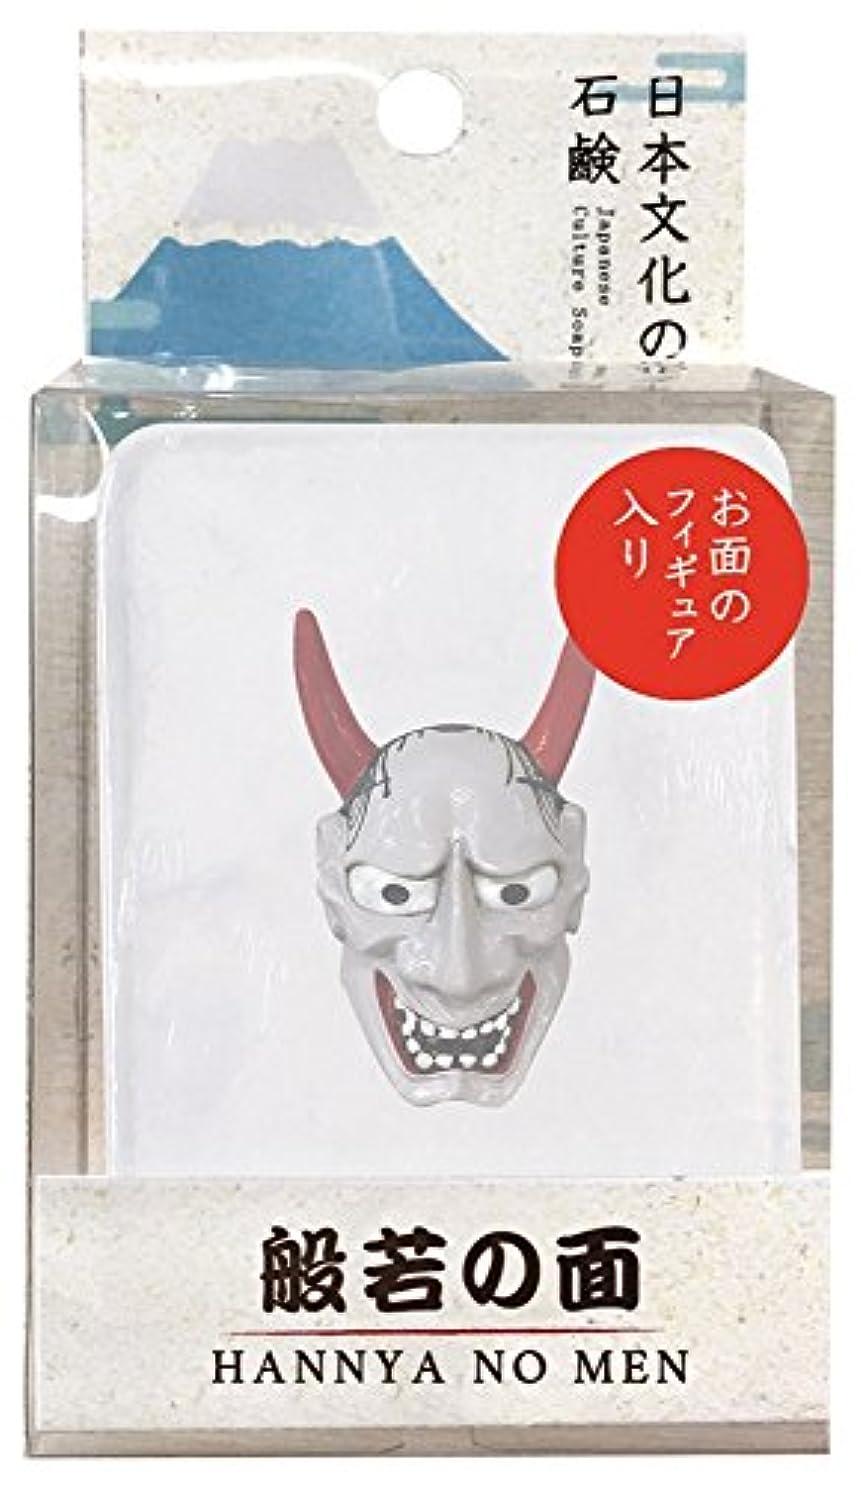 野心後方フレームワークノルコーポレーション 石鹸 日本文化の石鹸 般若の面 140g フィギュア付き OB-JCP-1-6